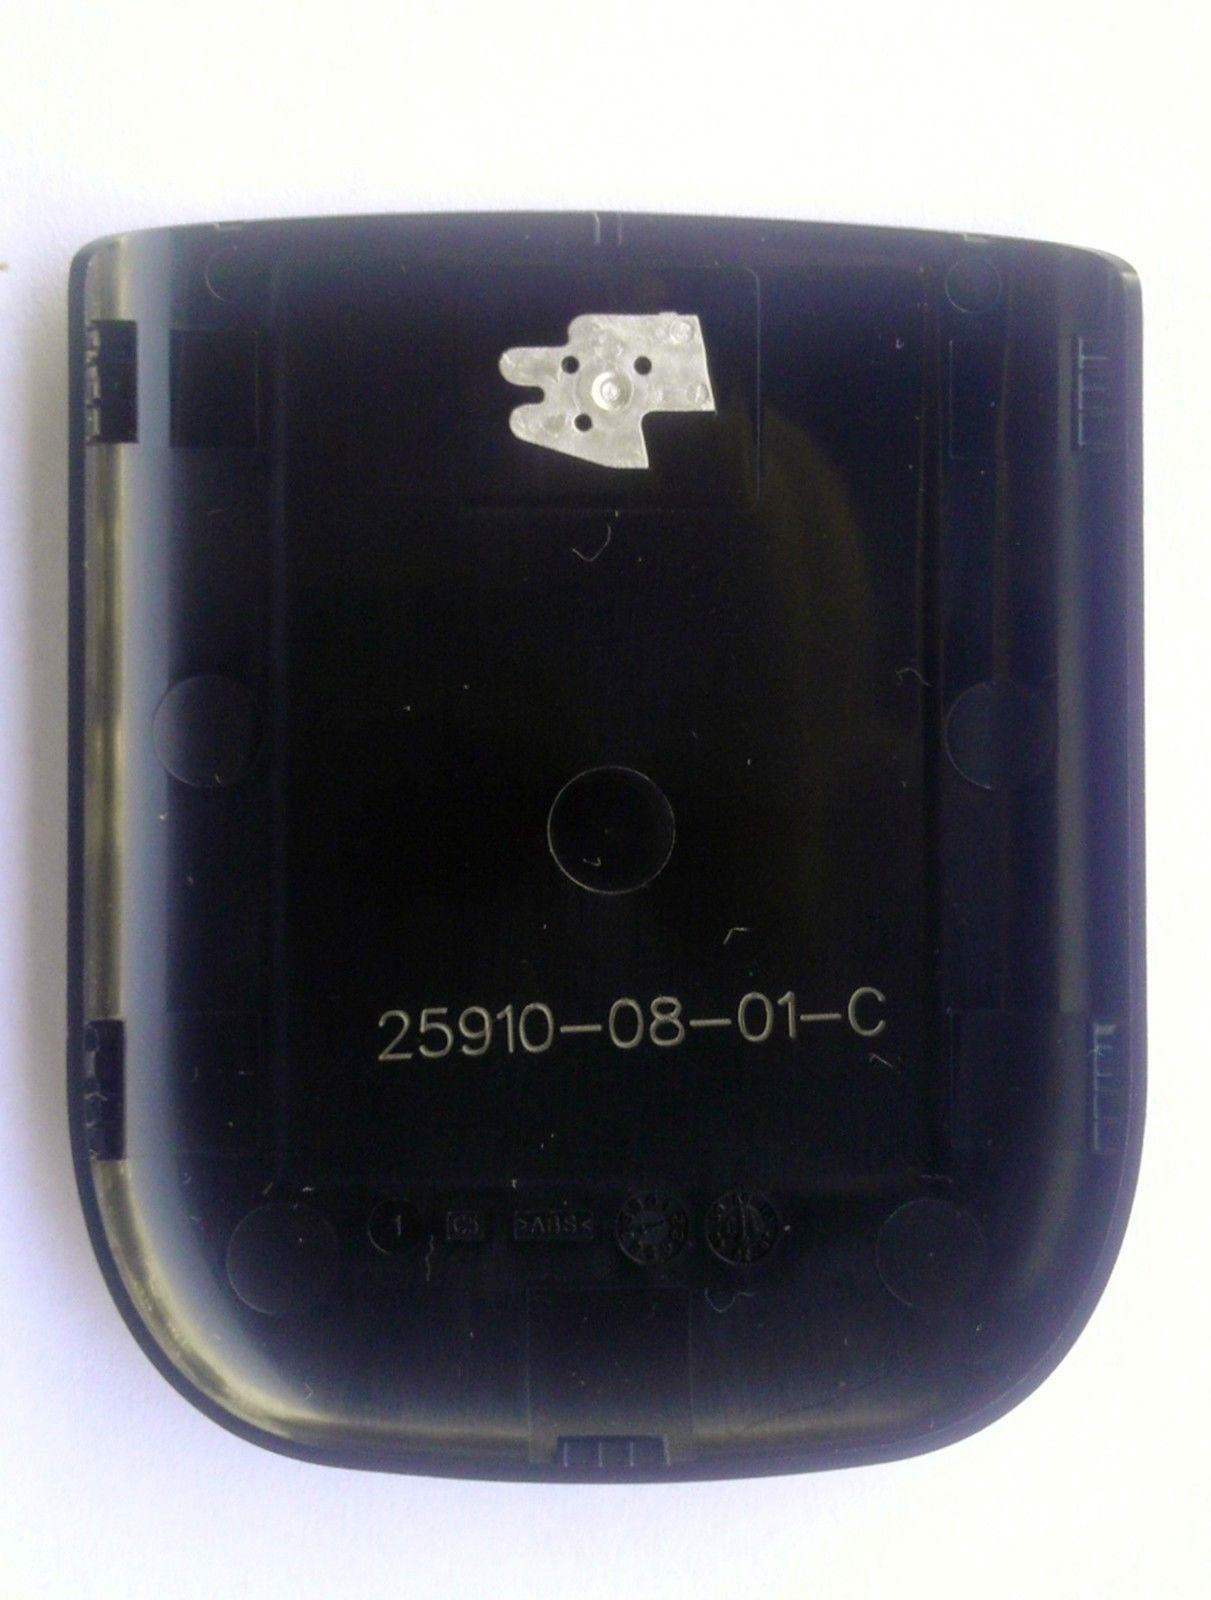 New OEM Blackberry Style 9670 Standard Back Cover Battery Door